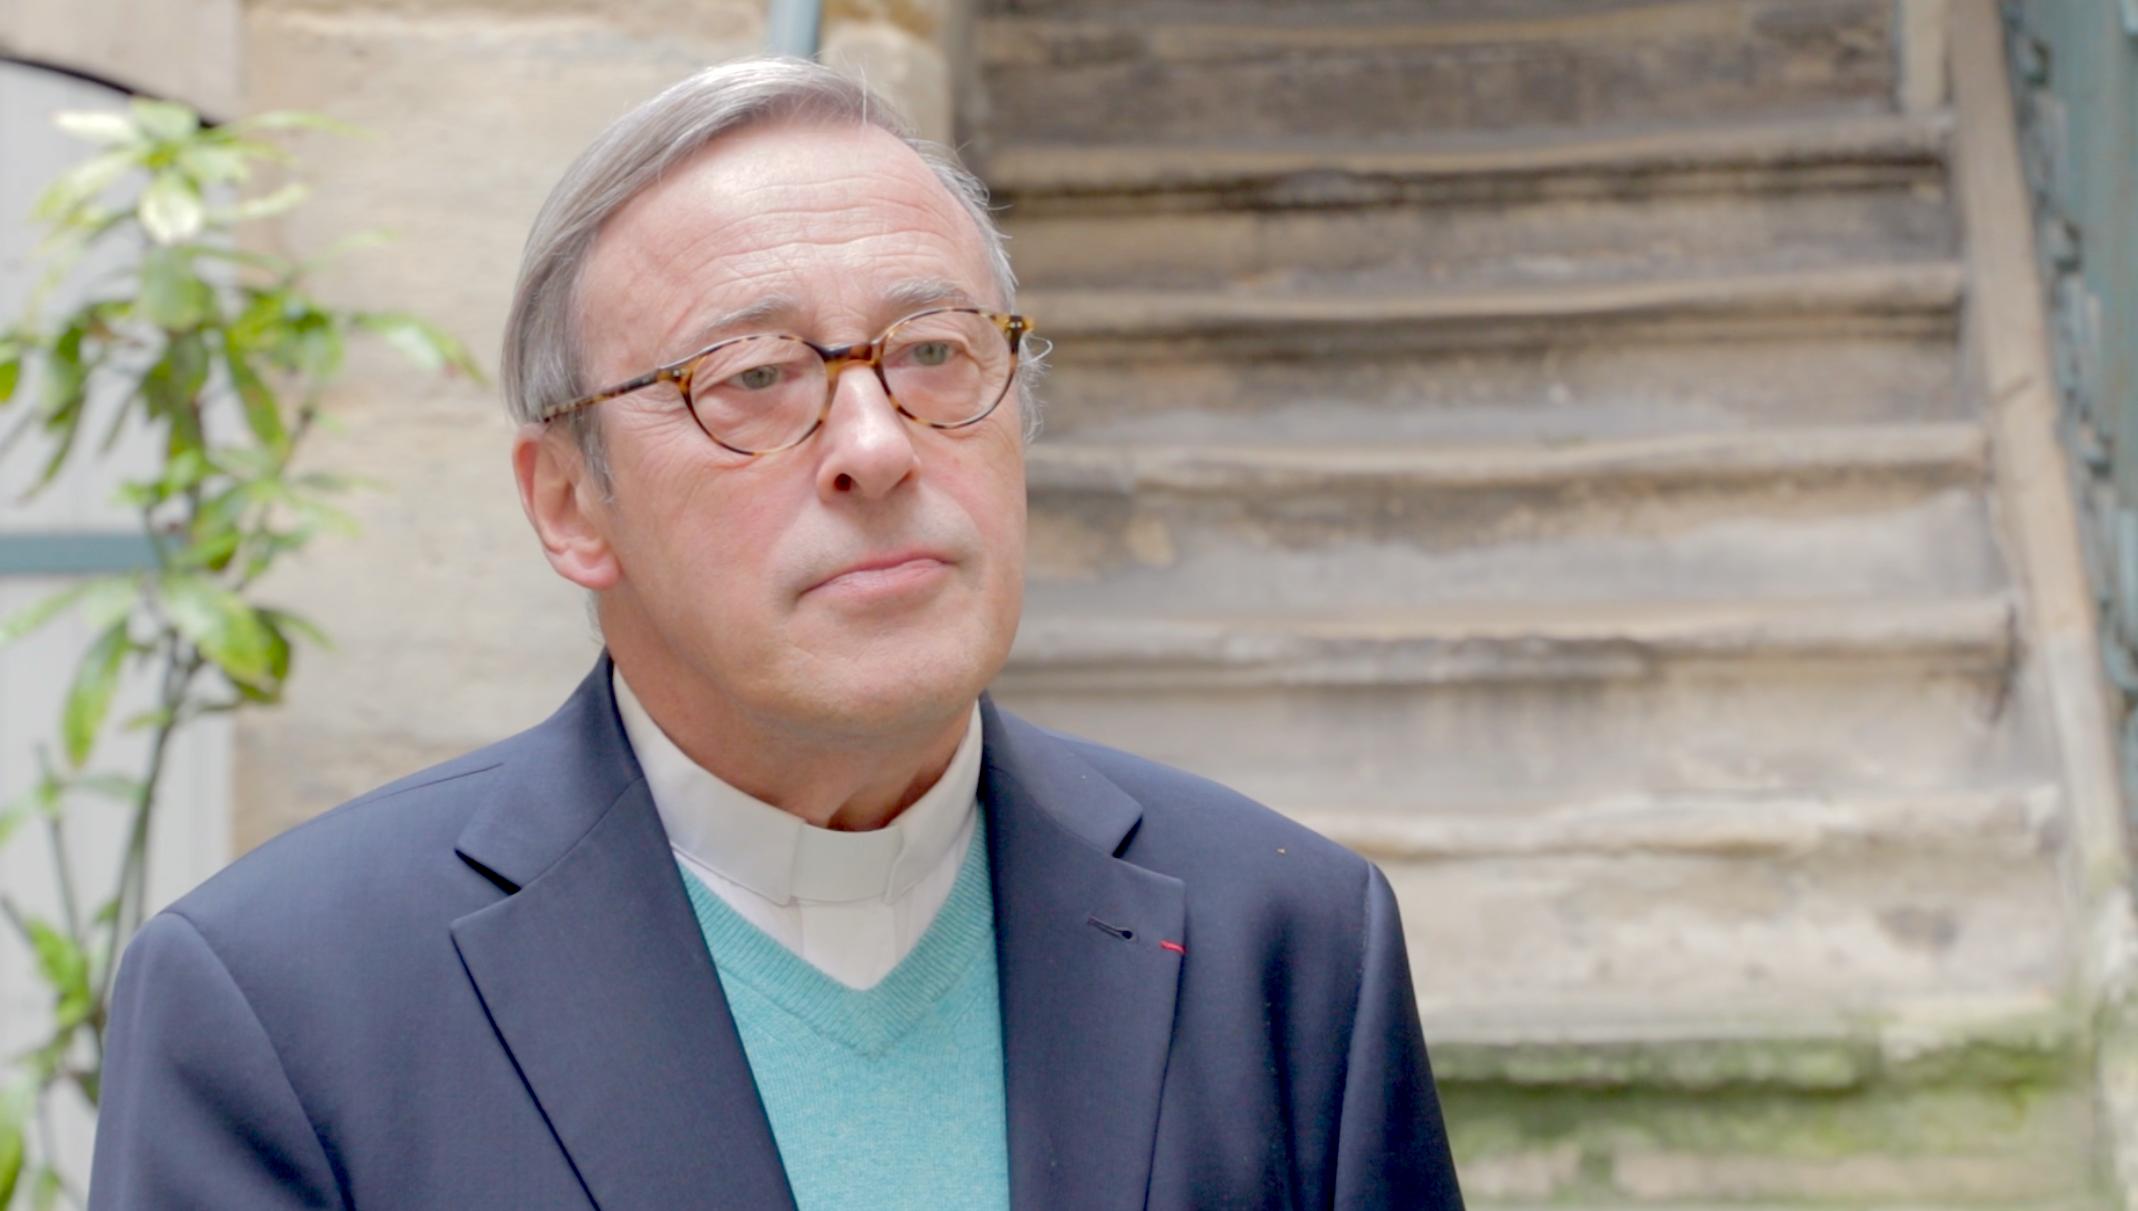 Monseñor Patrick Chauvet, rector de la Catedral de Notre-Dame confía en que las promesas de donaciones se harán efectivas.